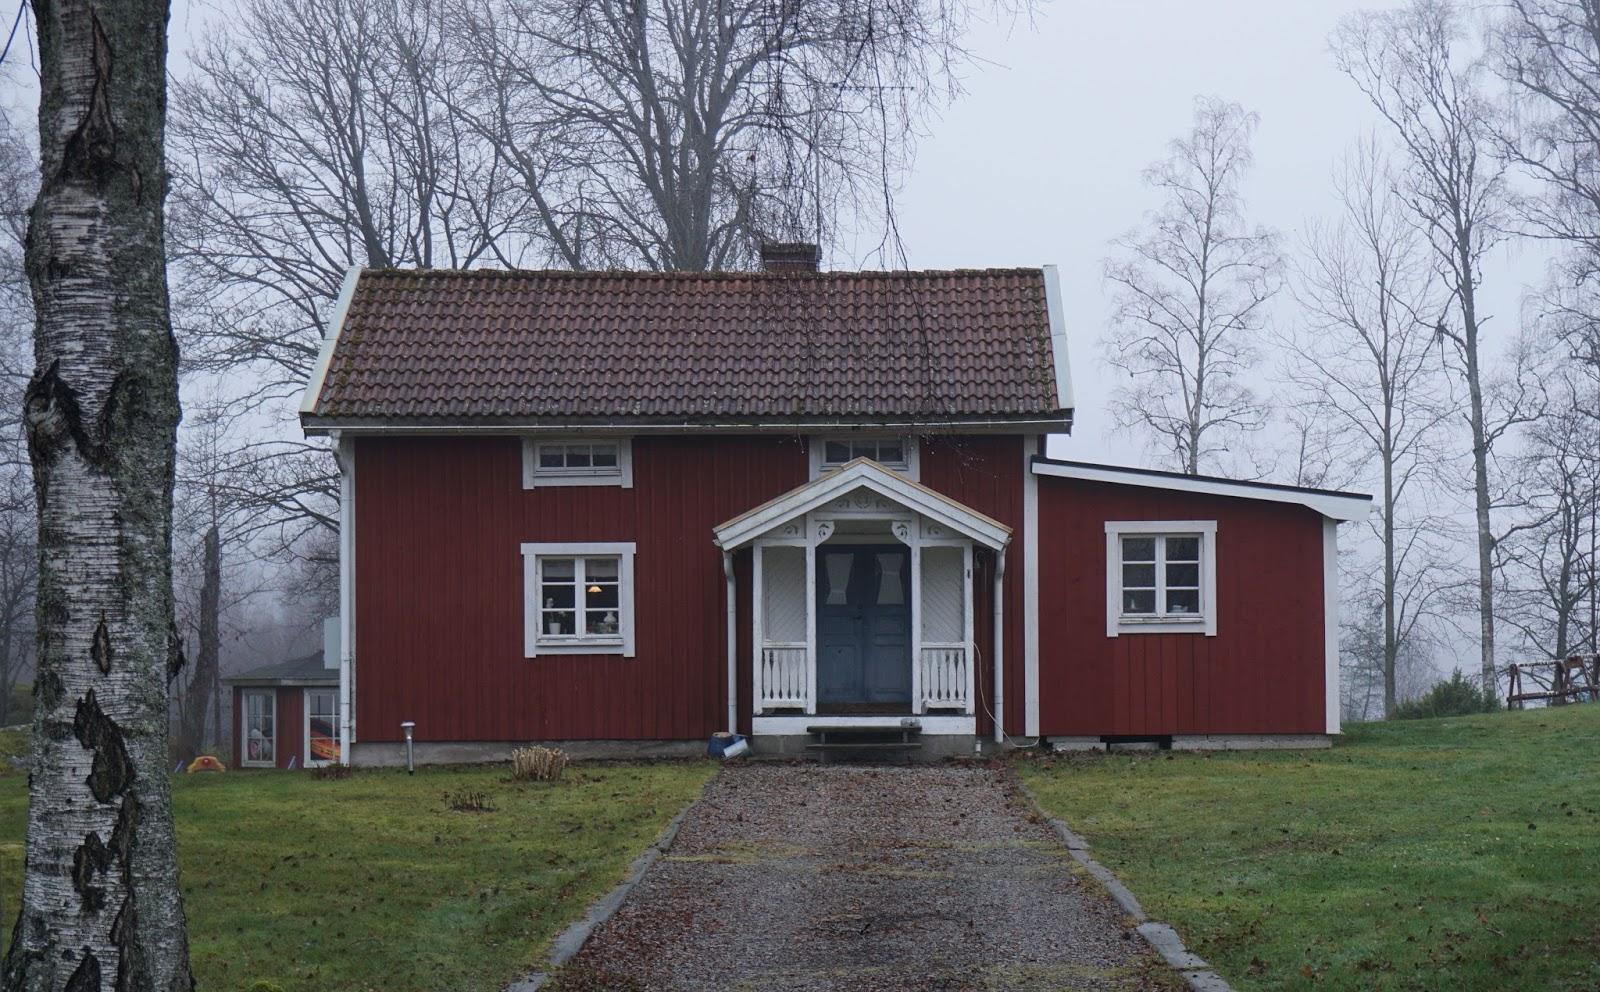 kleine lotta unser schwedenhaus r rvikshus schweden. Black Bedroom Furniture Sets. Home Design Ideas